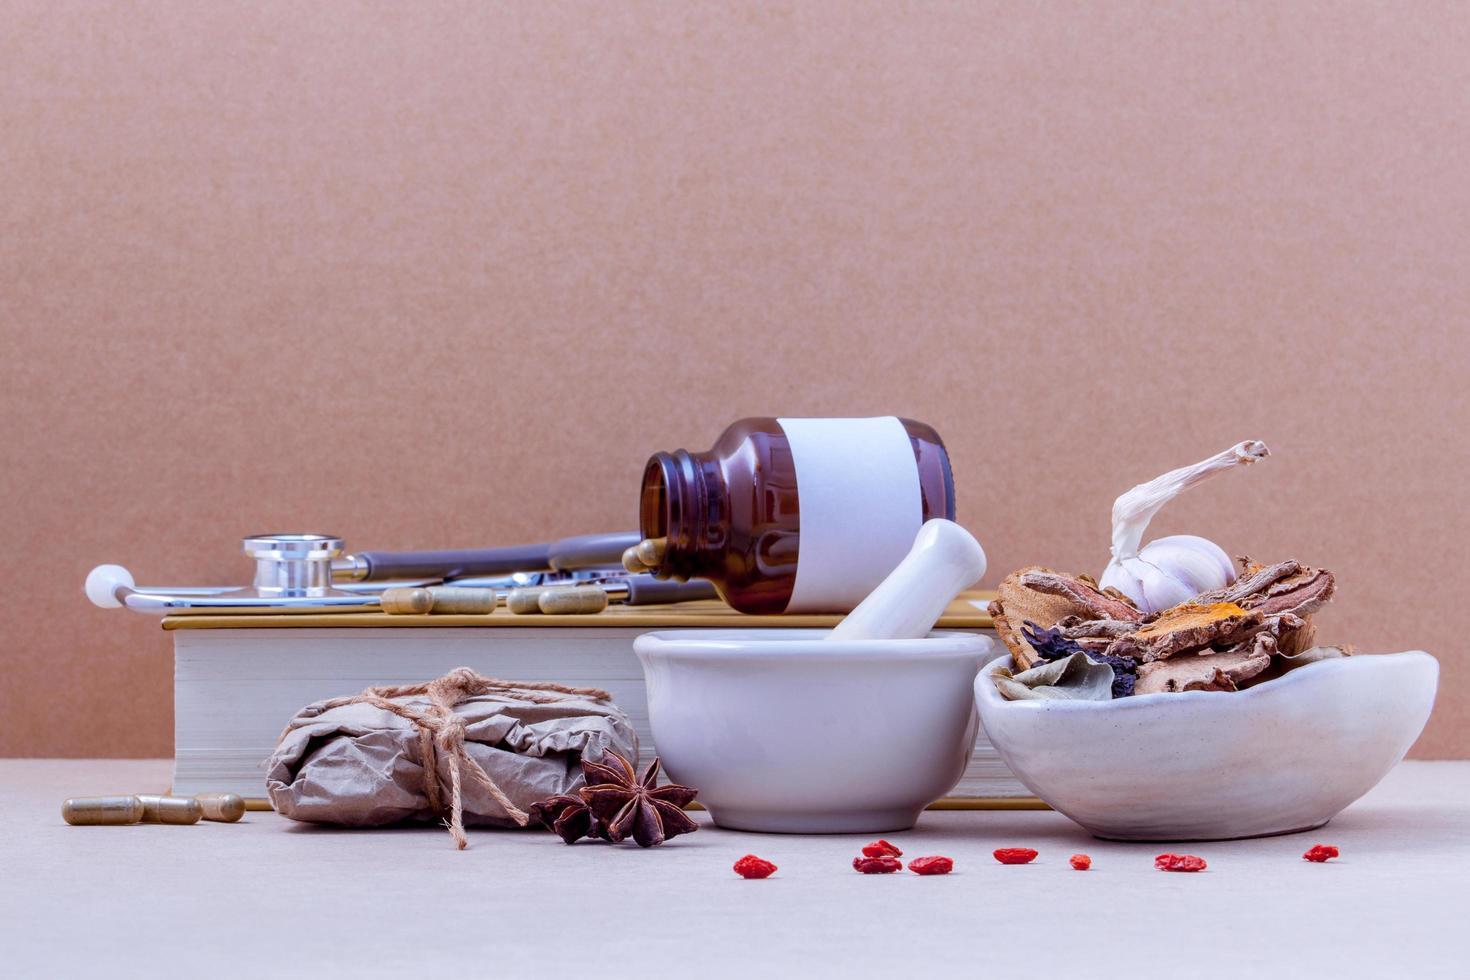 Varias hierbas y medicinas chinas. foto